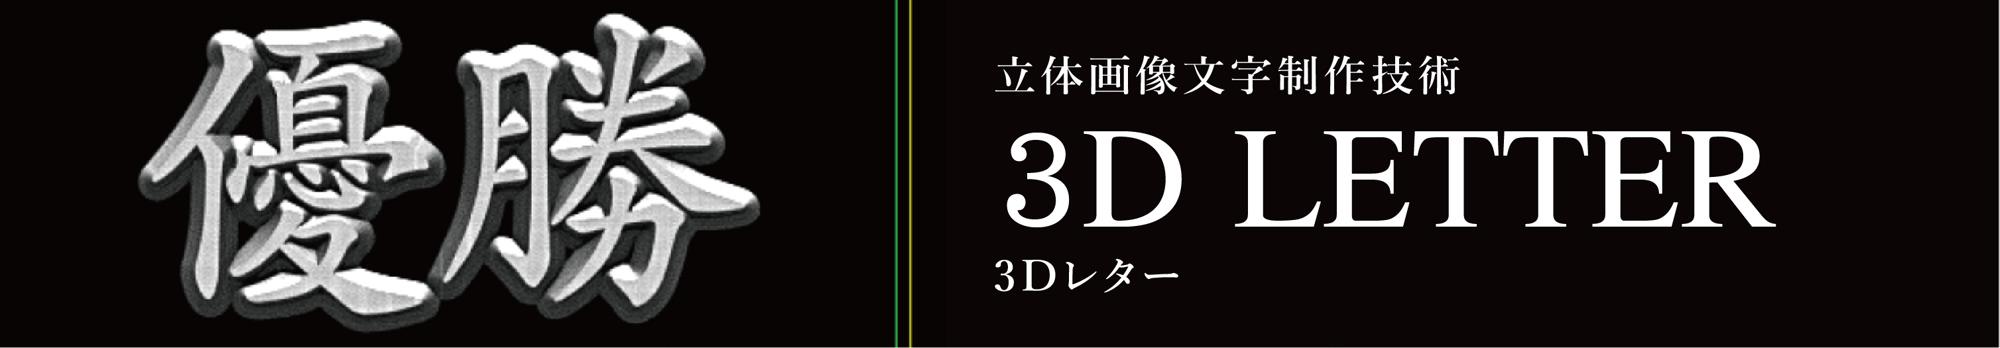 3D LETTER(3Dレター)